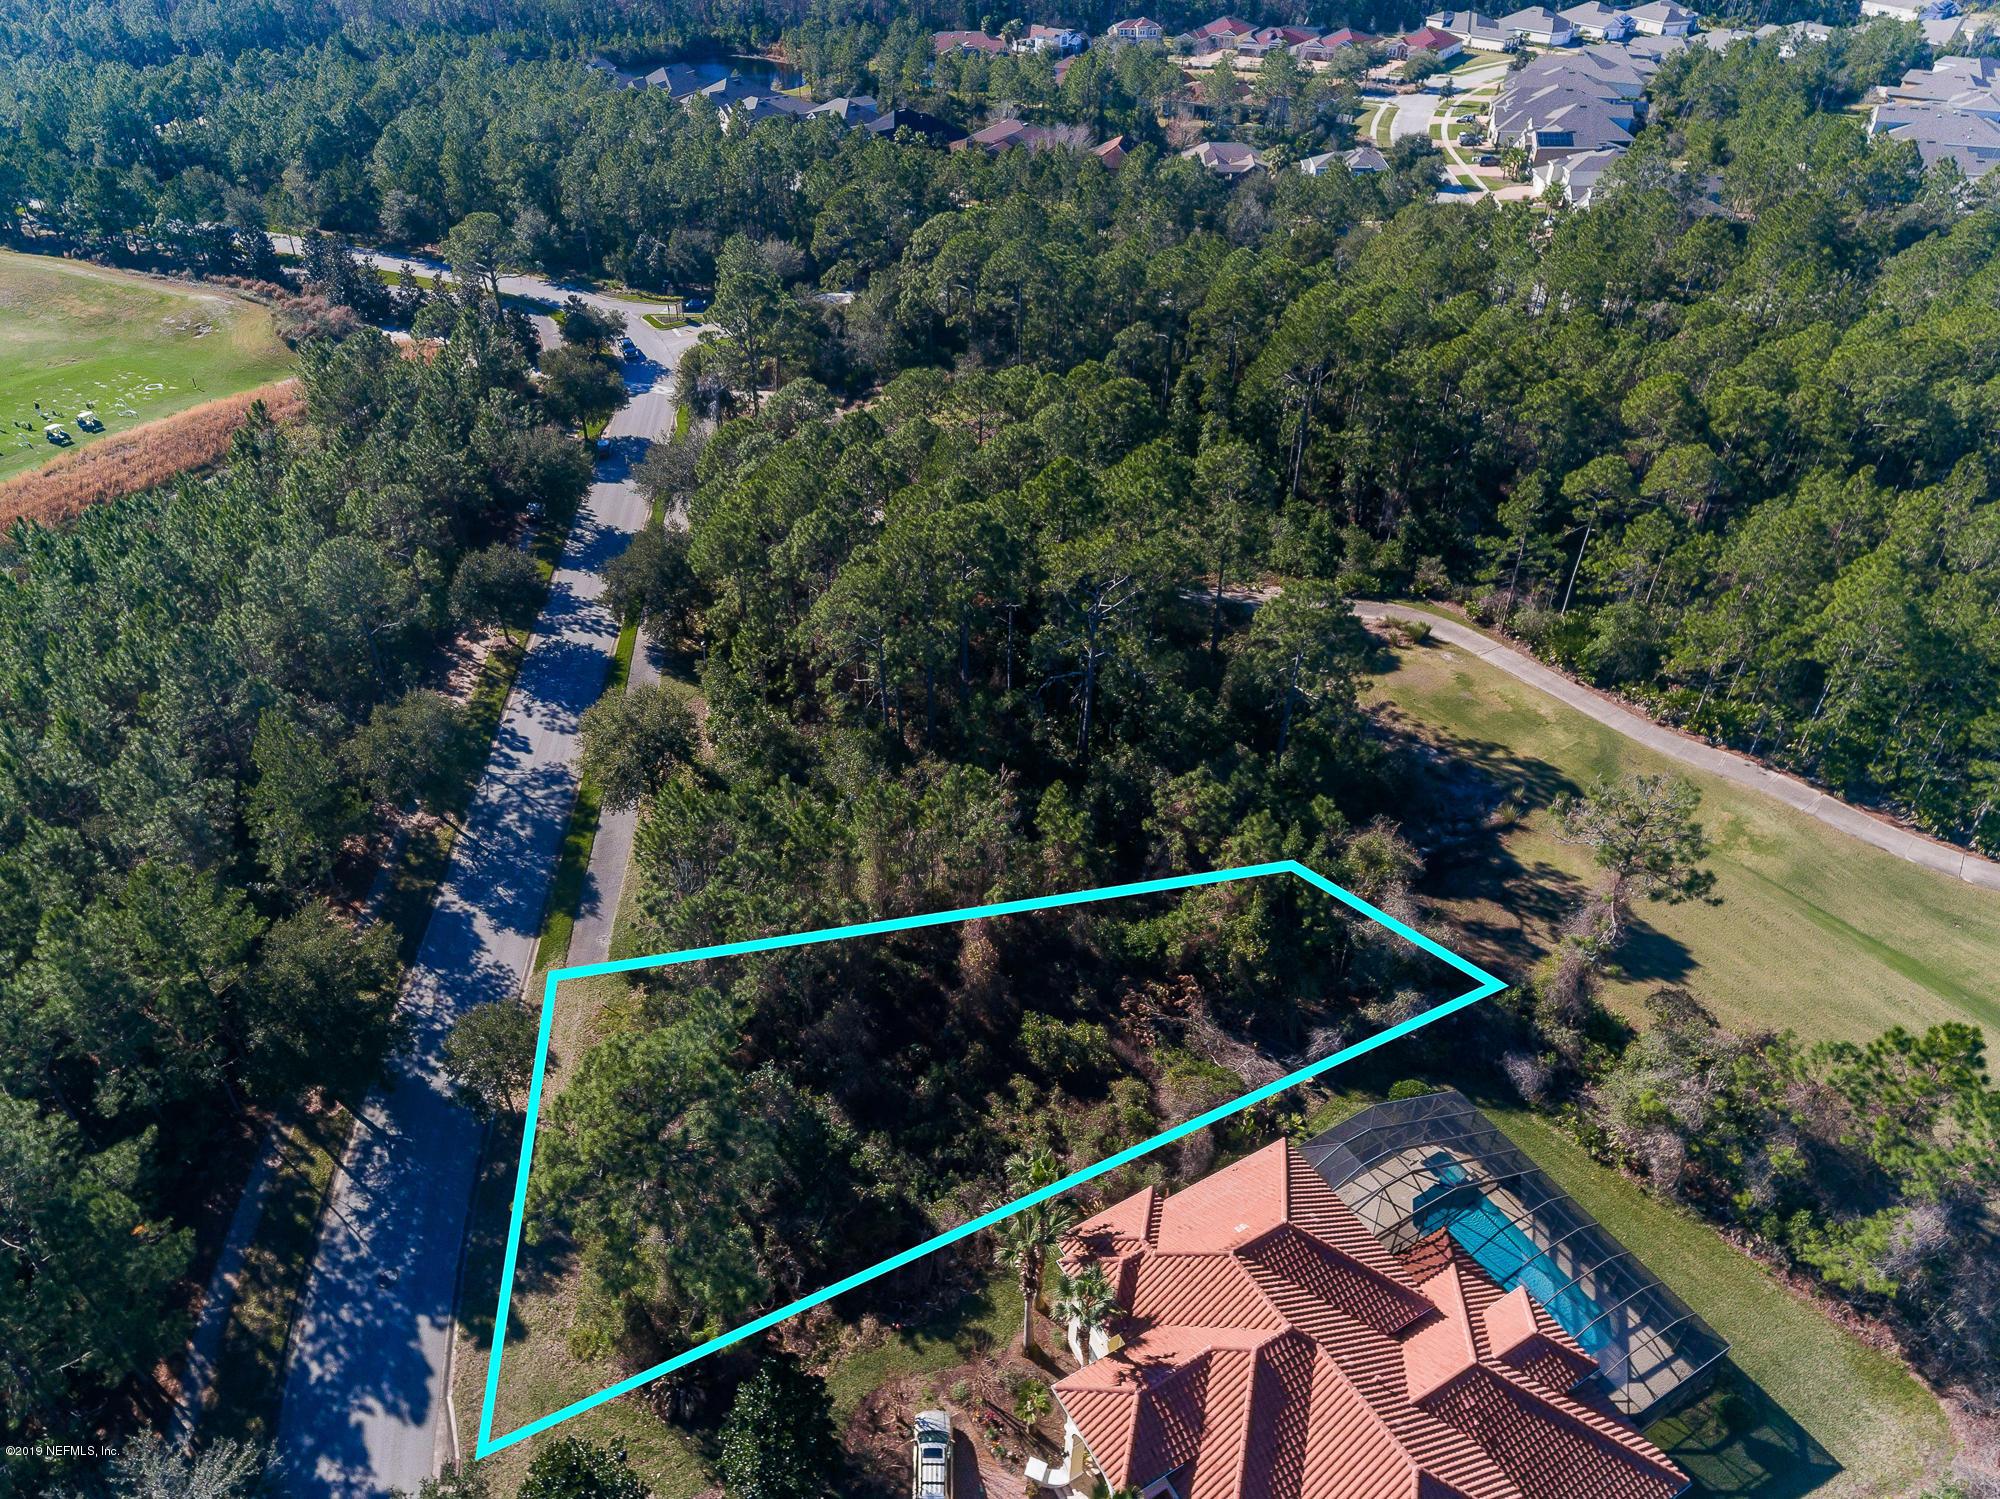 1797 LOOP, ST AUGUSTINE, FLORIDA 32095, ,Vacant land,For sale,LOOP,1024831